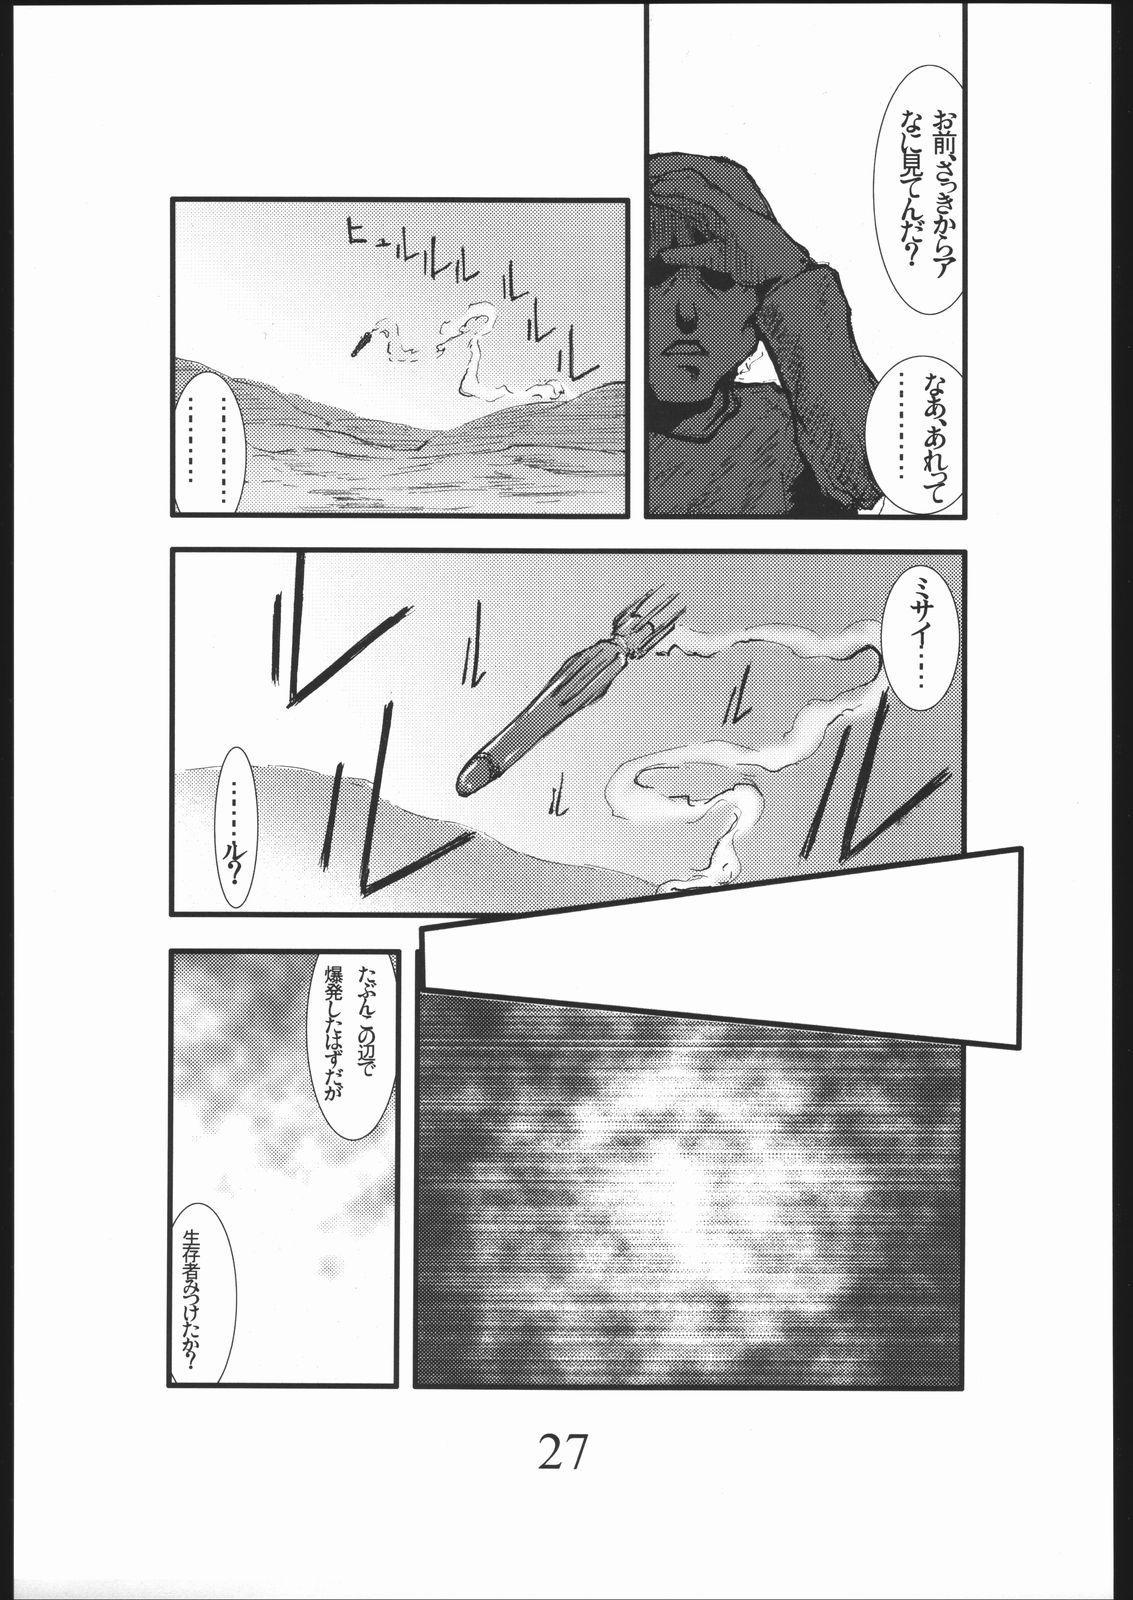 Bouryoku Herushi-bobu 25